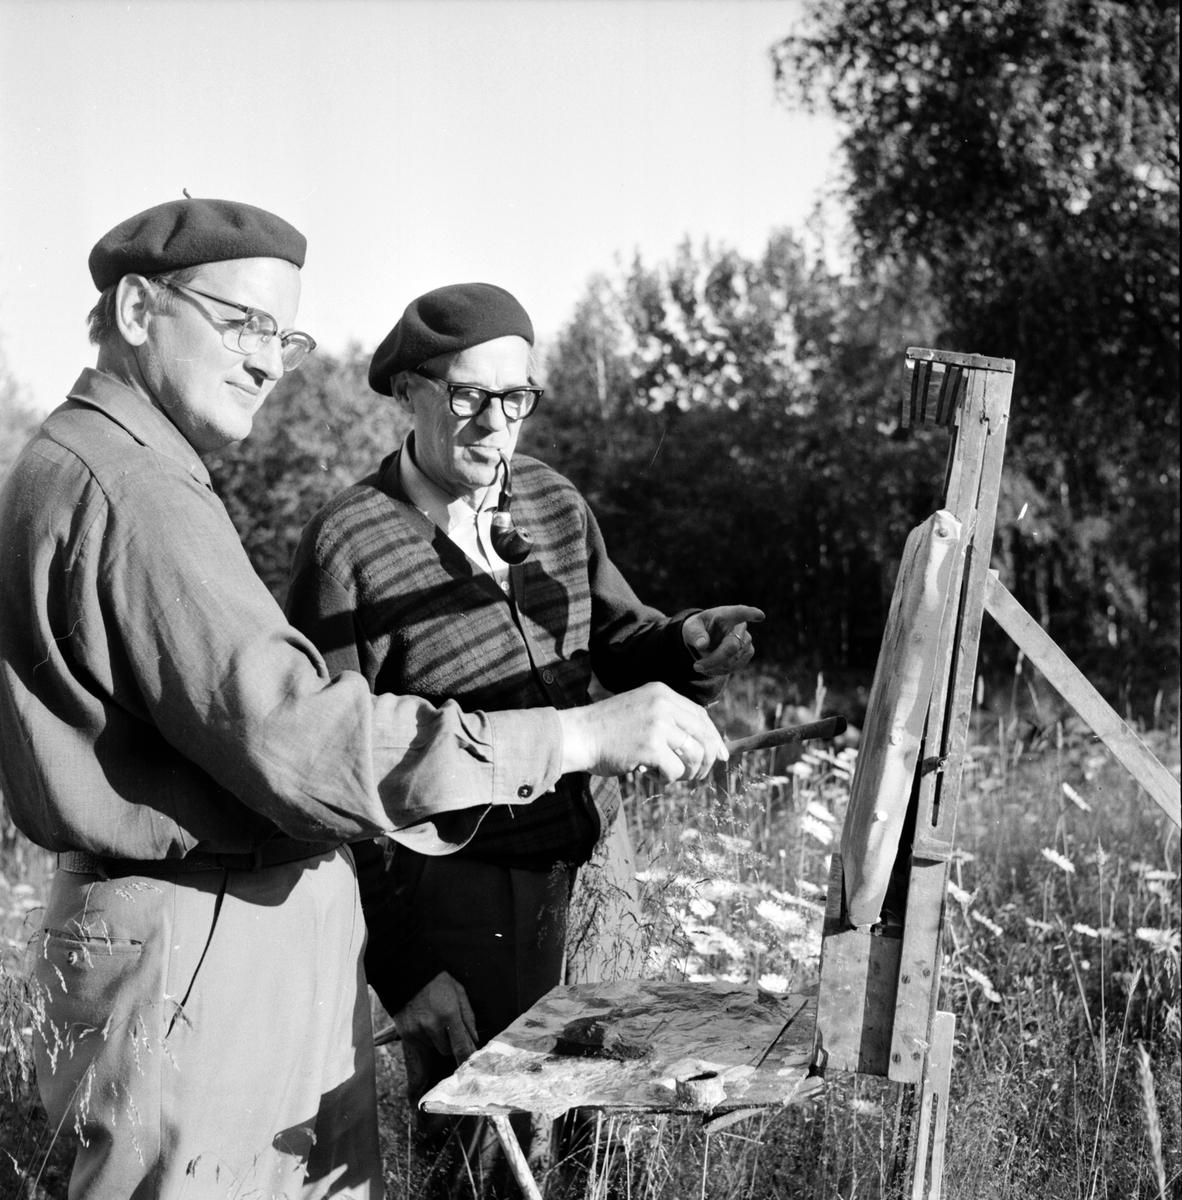 Olovsfors, Målarkolonin hos Lisa Jonsson, Fritiof Strandberg, Erik Lövgren, 22 Juli 1965